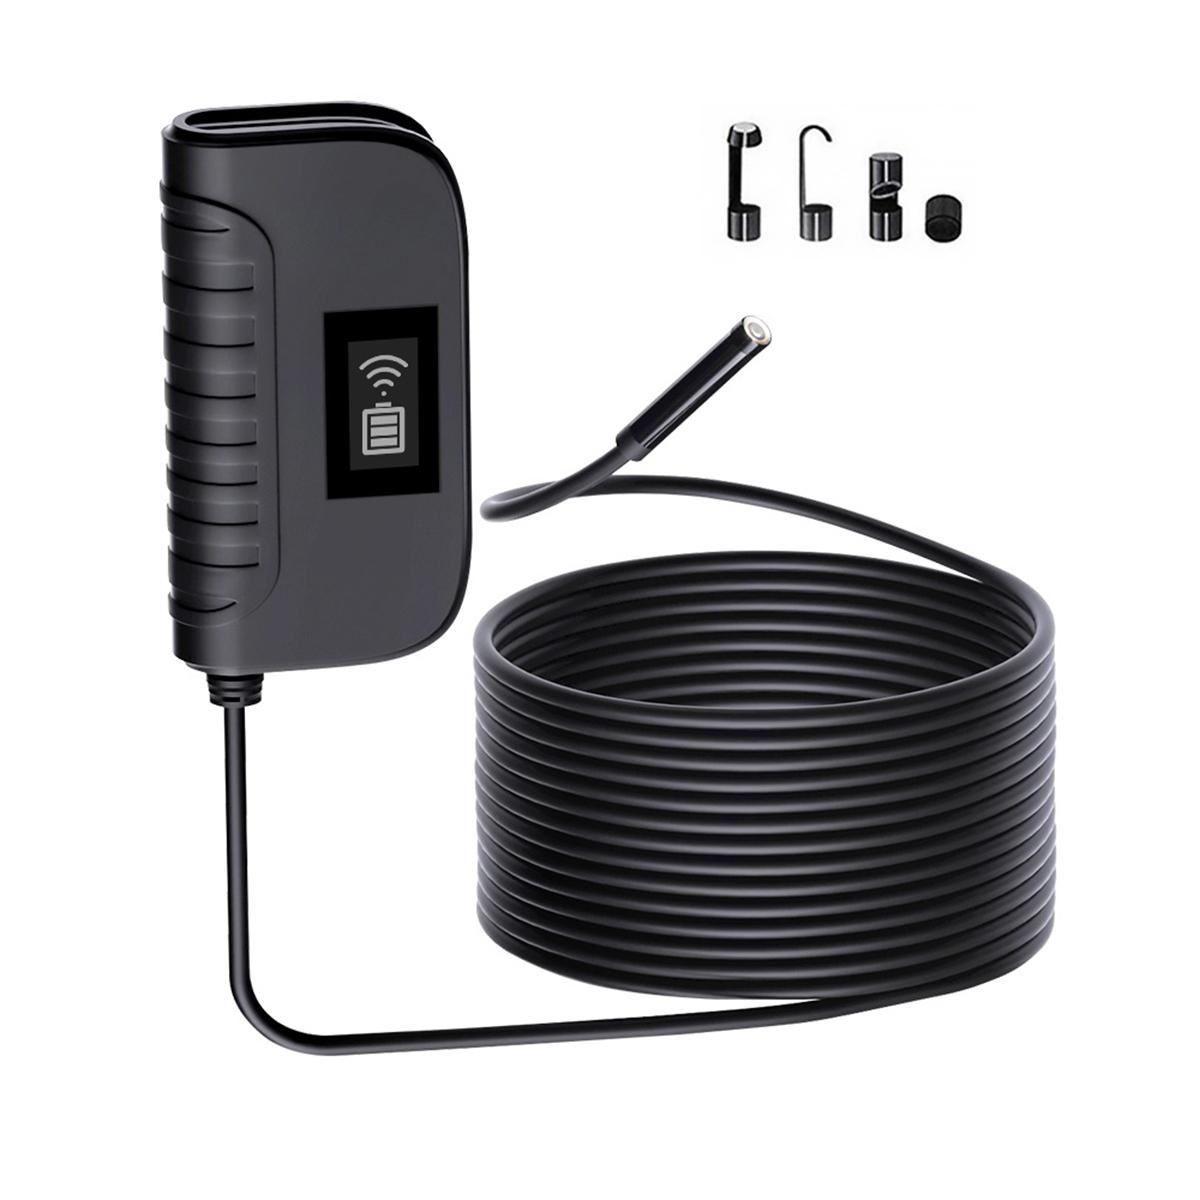 Видеоэндоскоп WIFI, 1Мп, 1280x720, 5м, 8мм зонд iCartool IC-V100